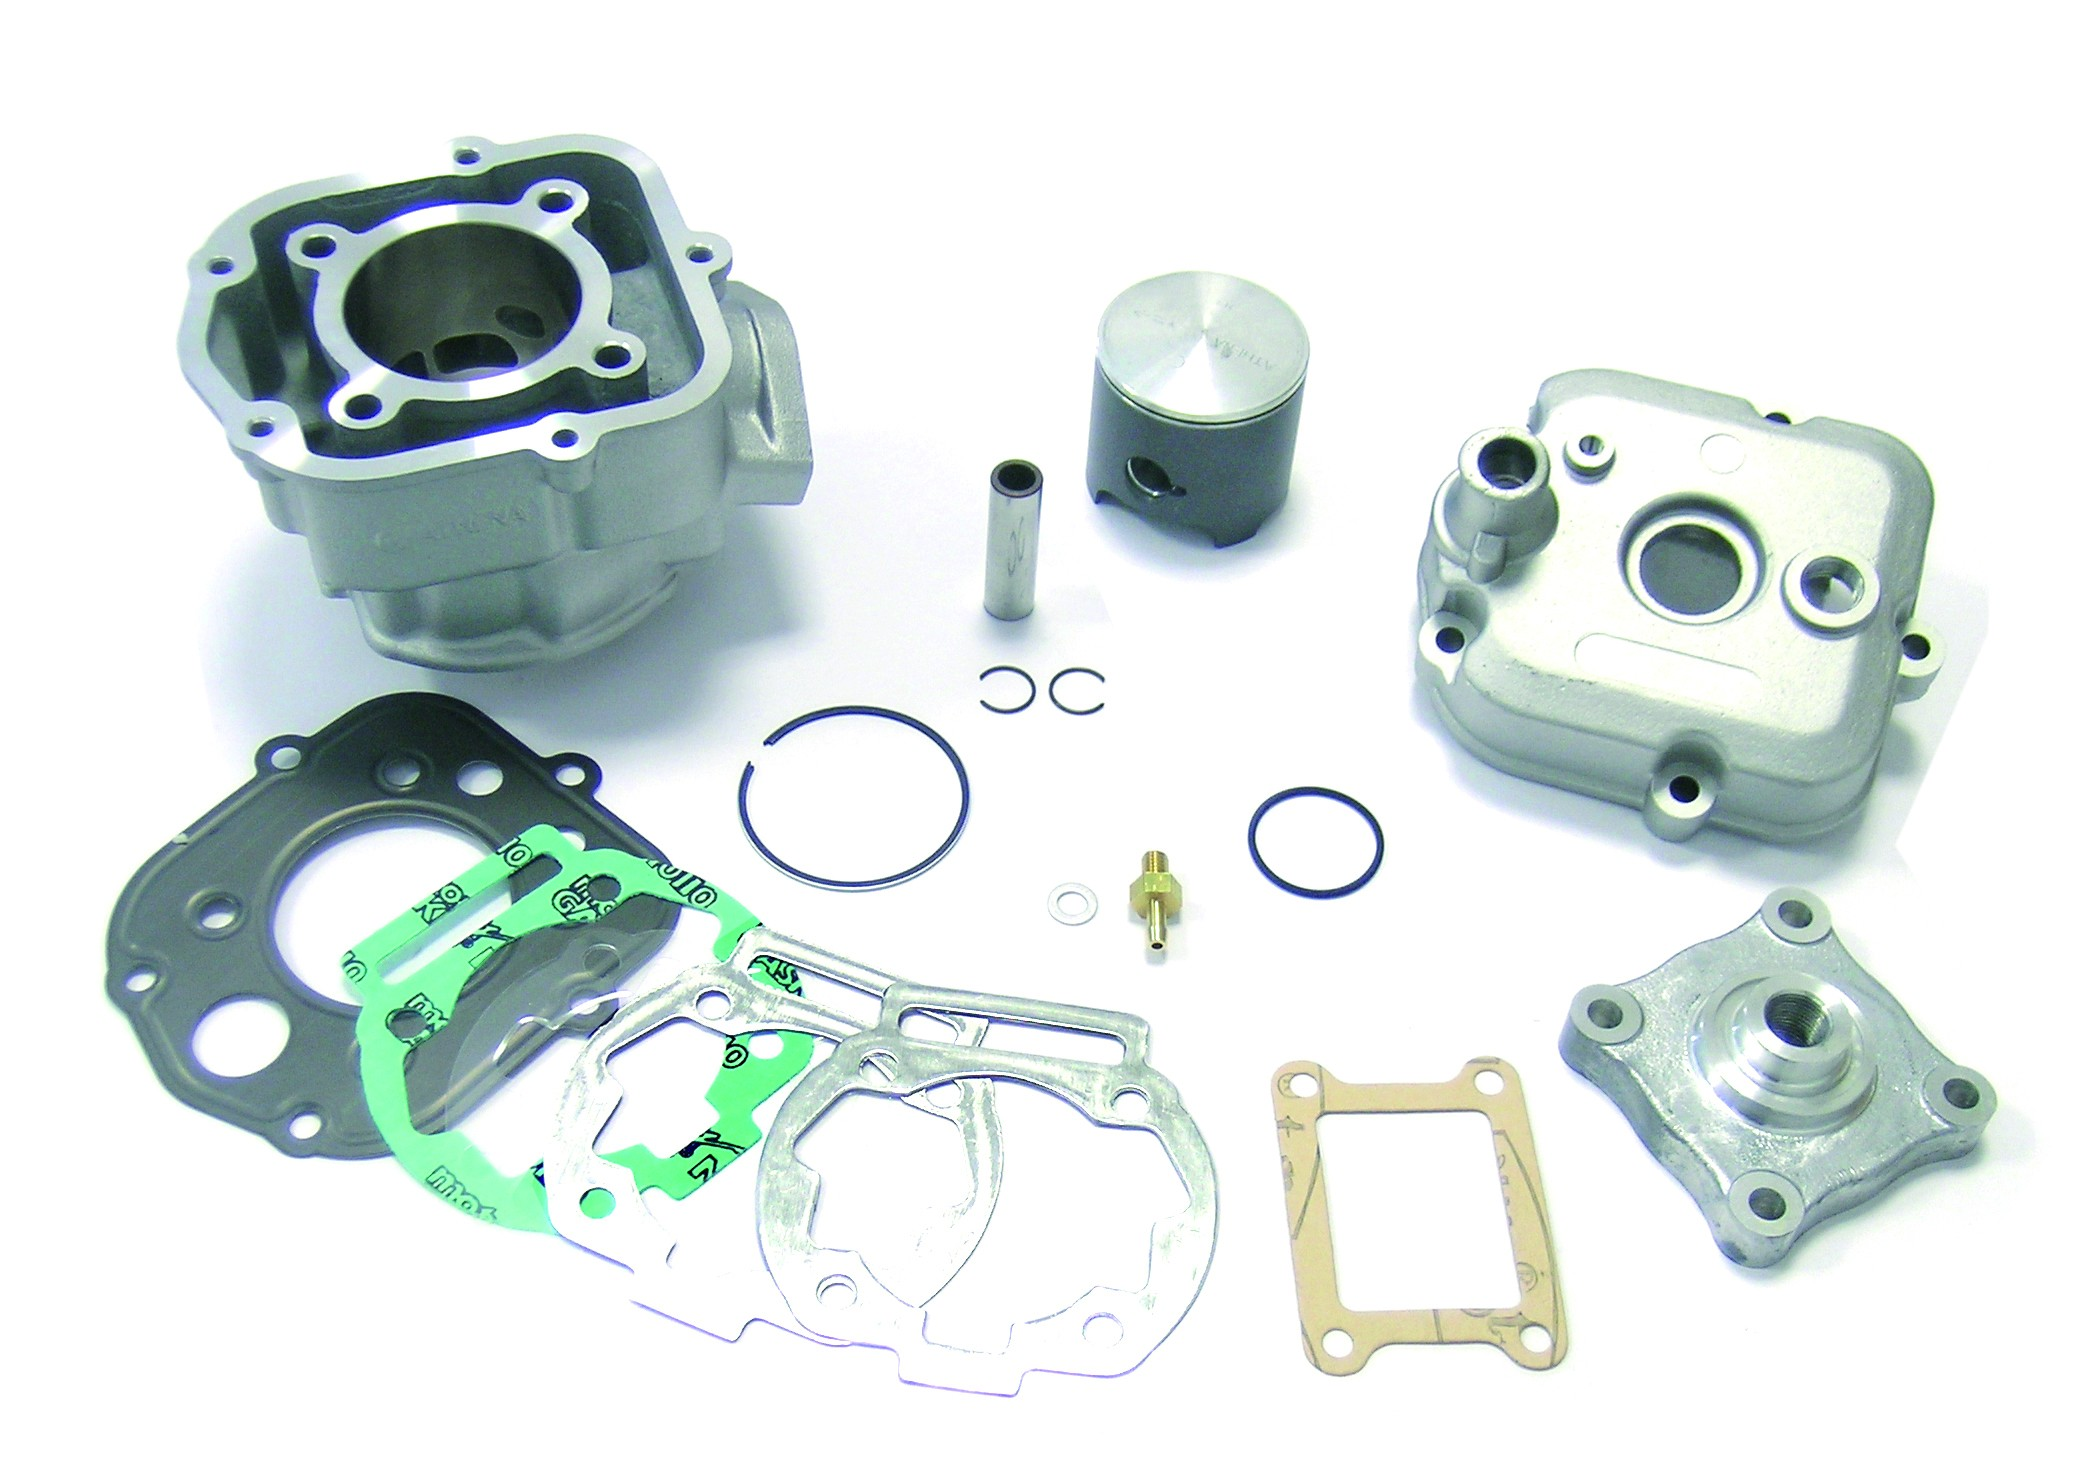 Athena S410195010007 Intake Manifold Gasket